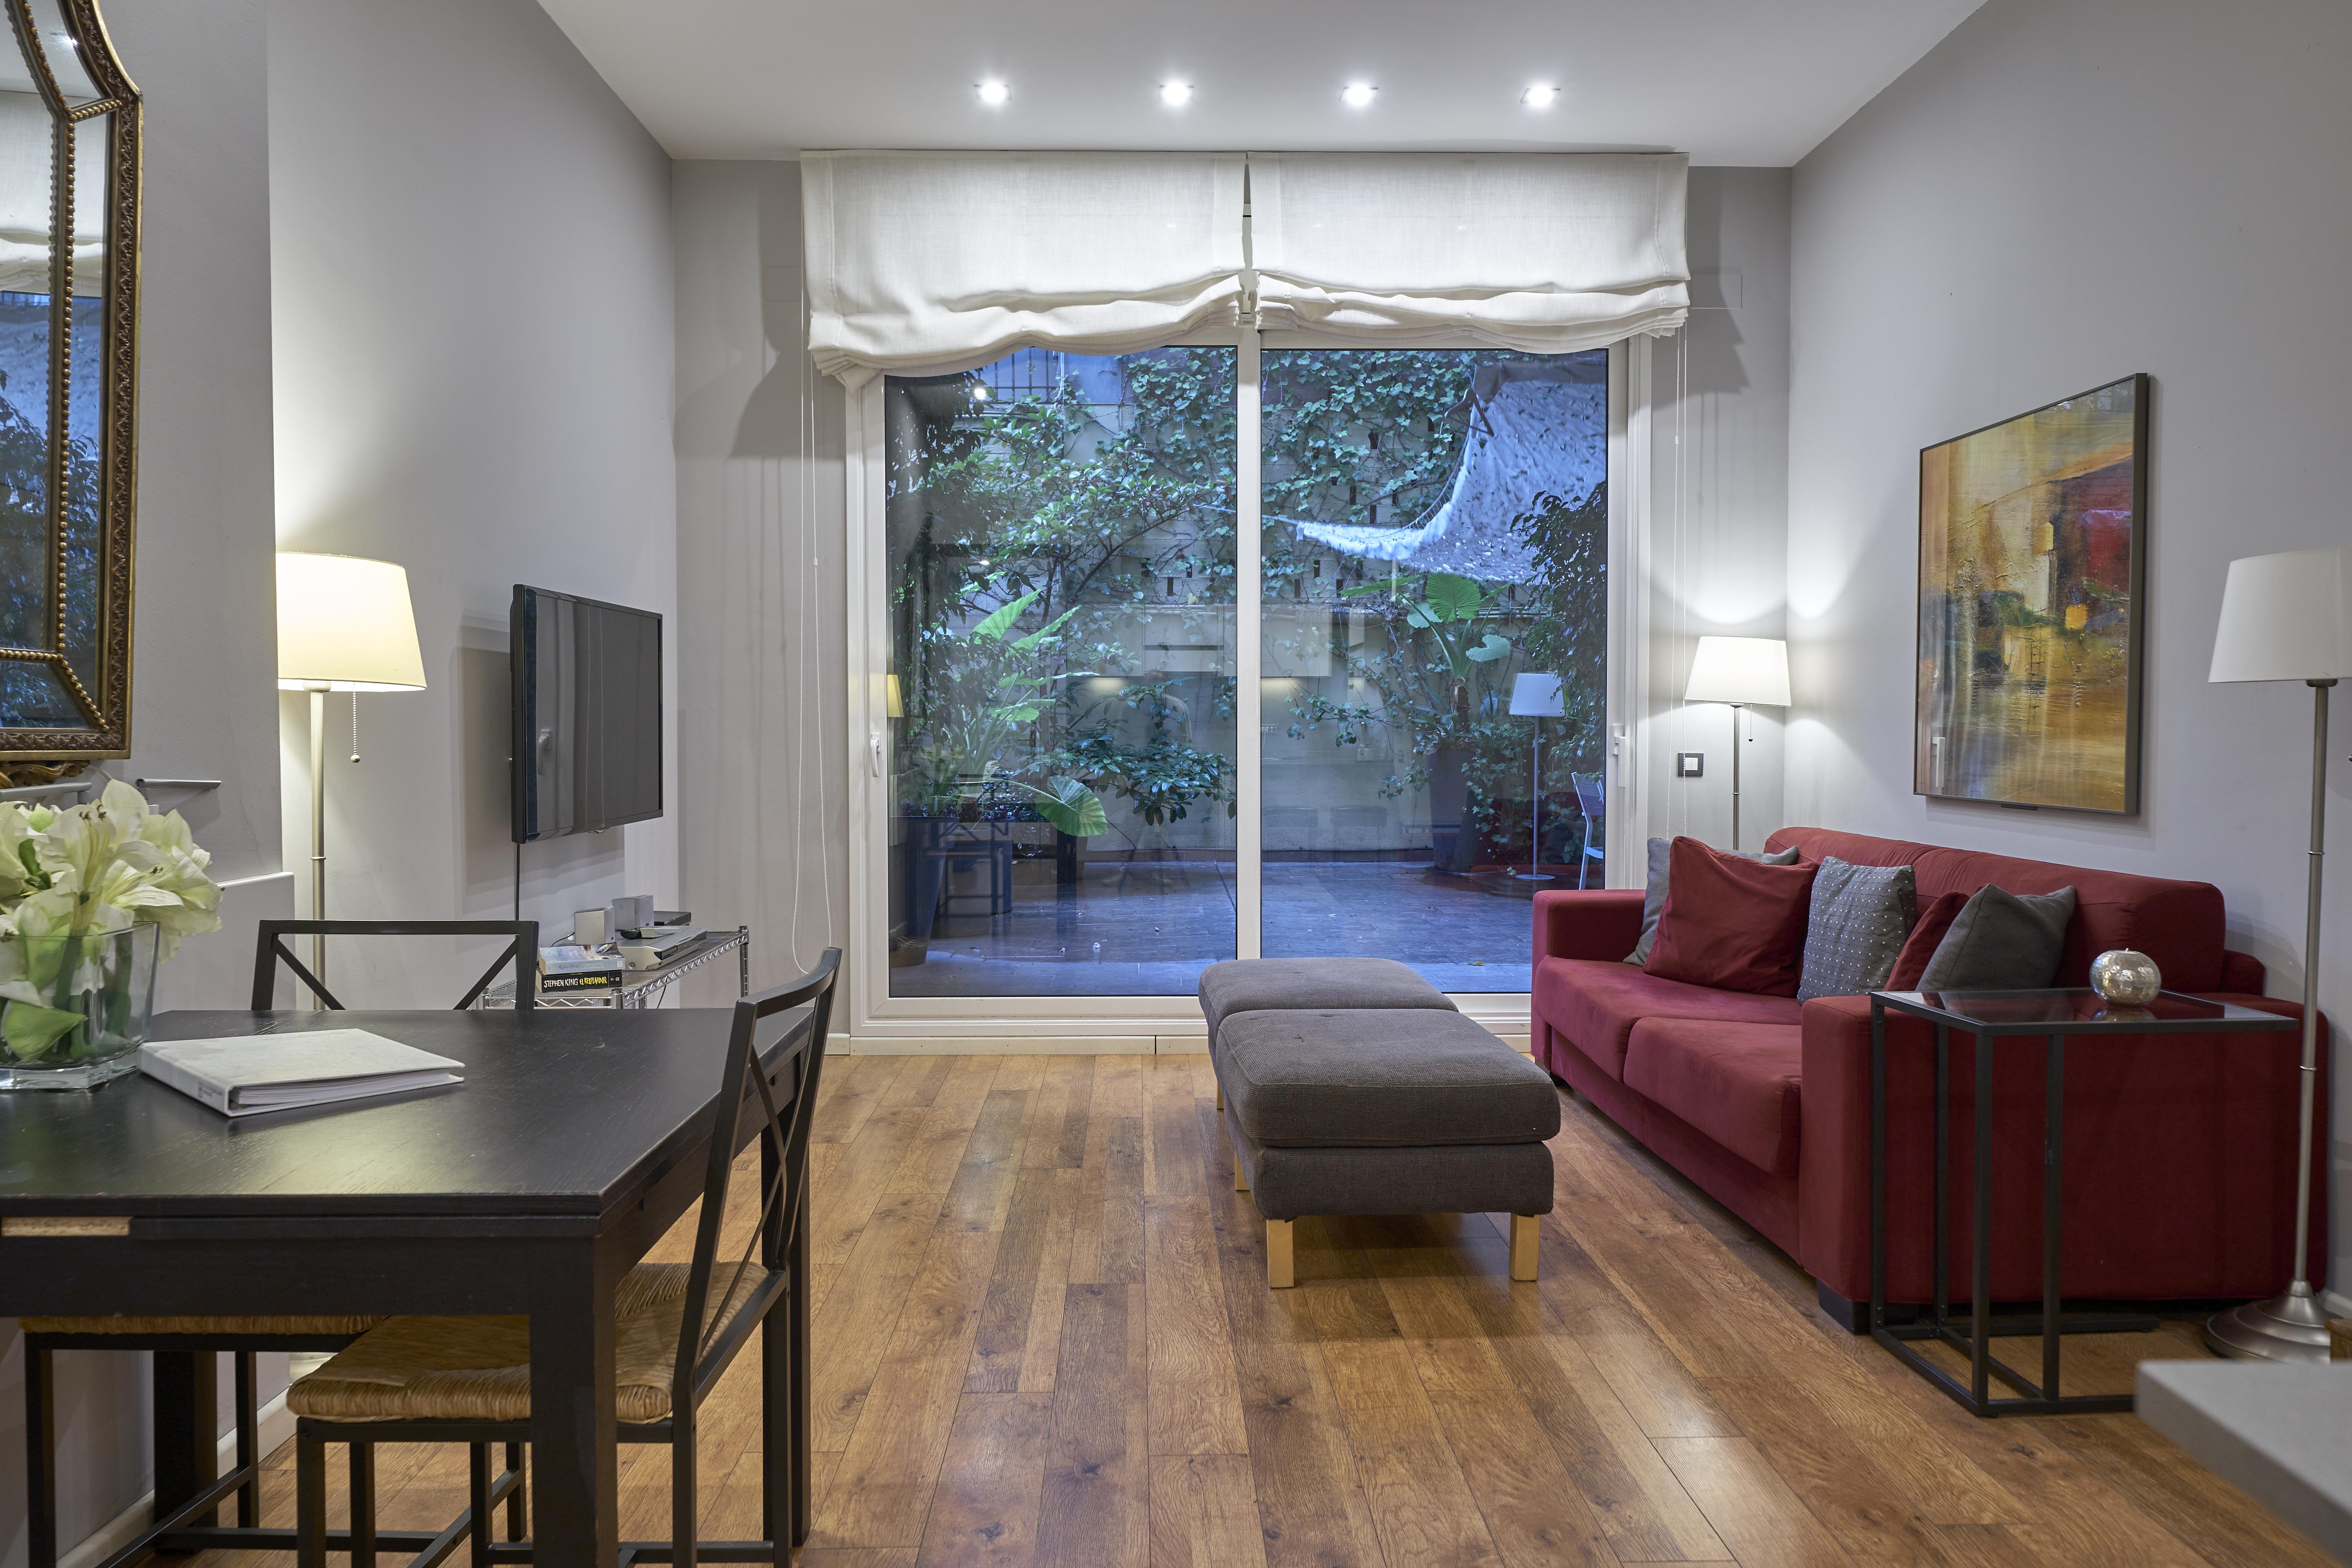 Alquiler de Temporada Piso  Carrer de bonavista. Lujoso apartamento de dos habitaciones con patio privado en plen